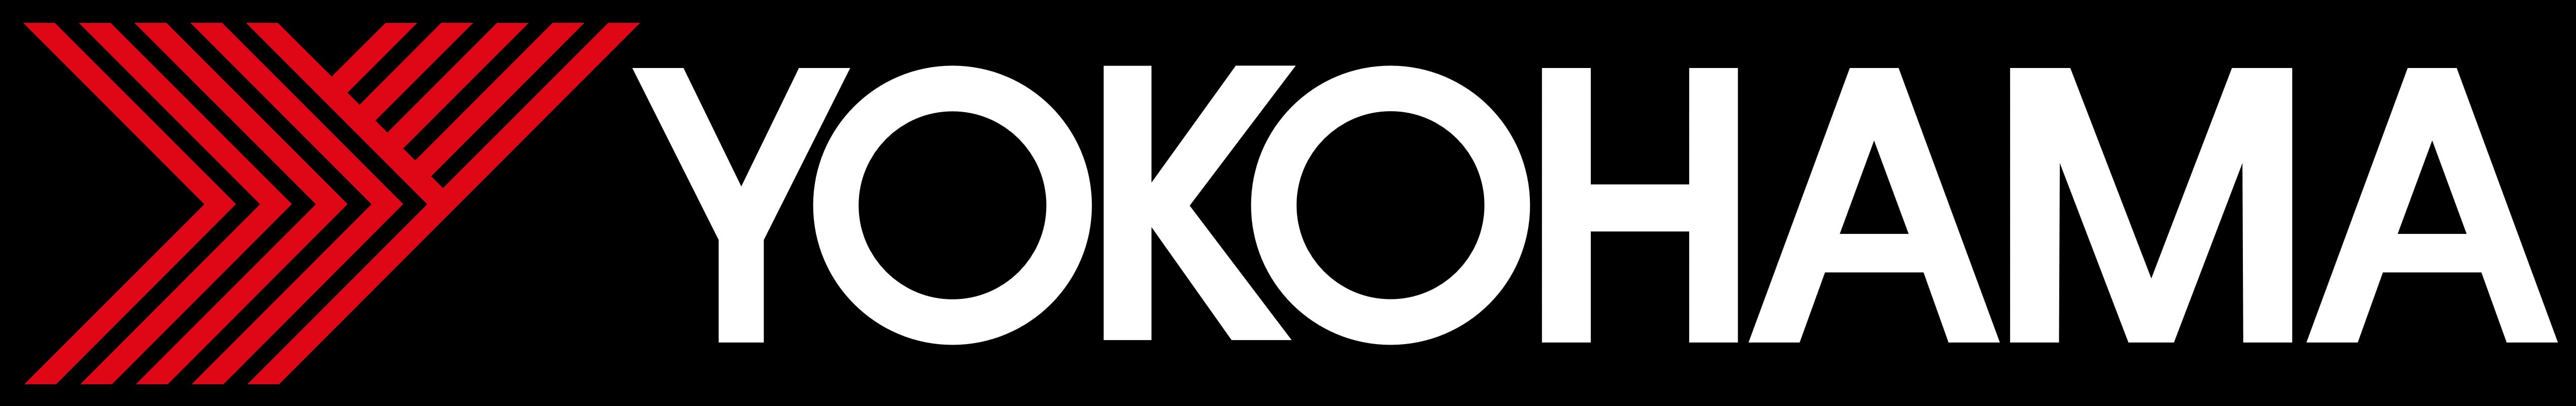 Αποτέλεσμα εικόνας για yokohama logo